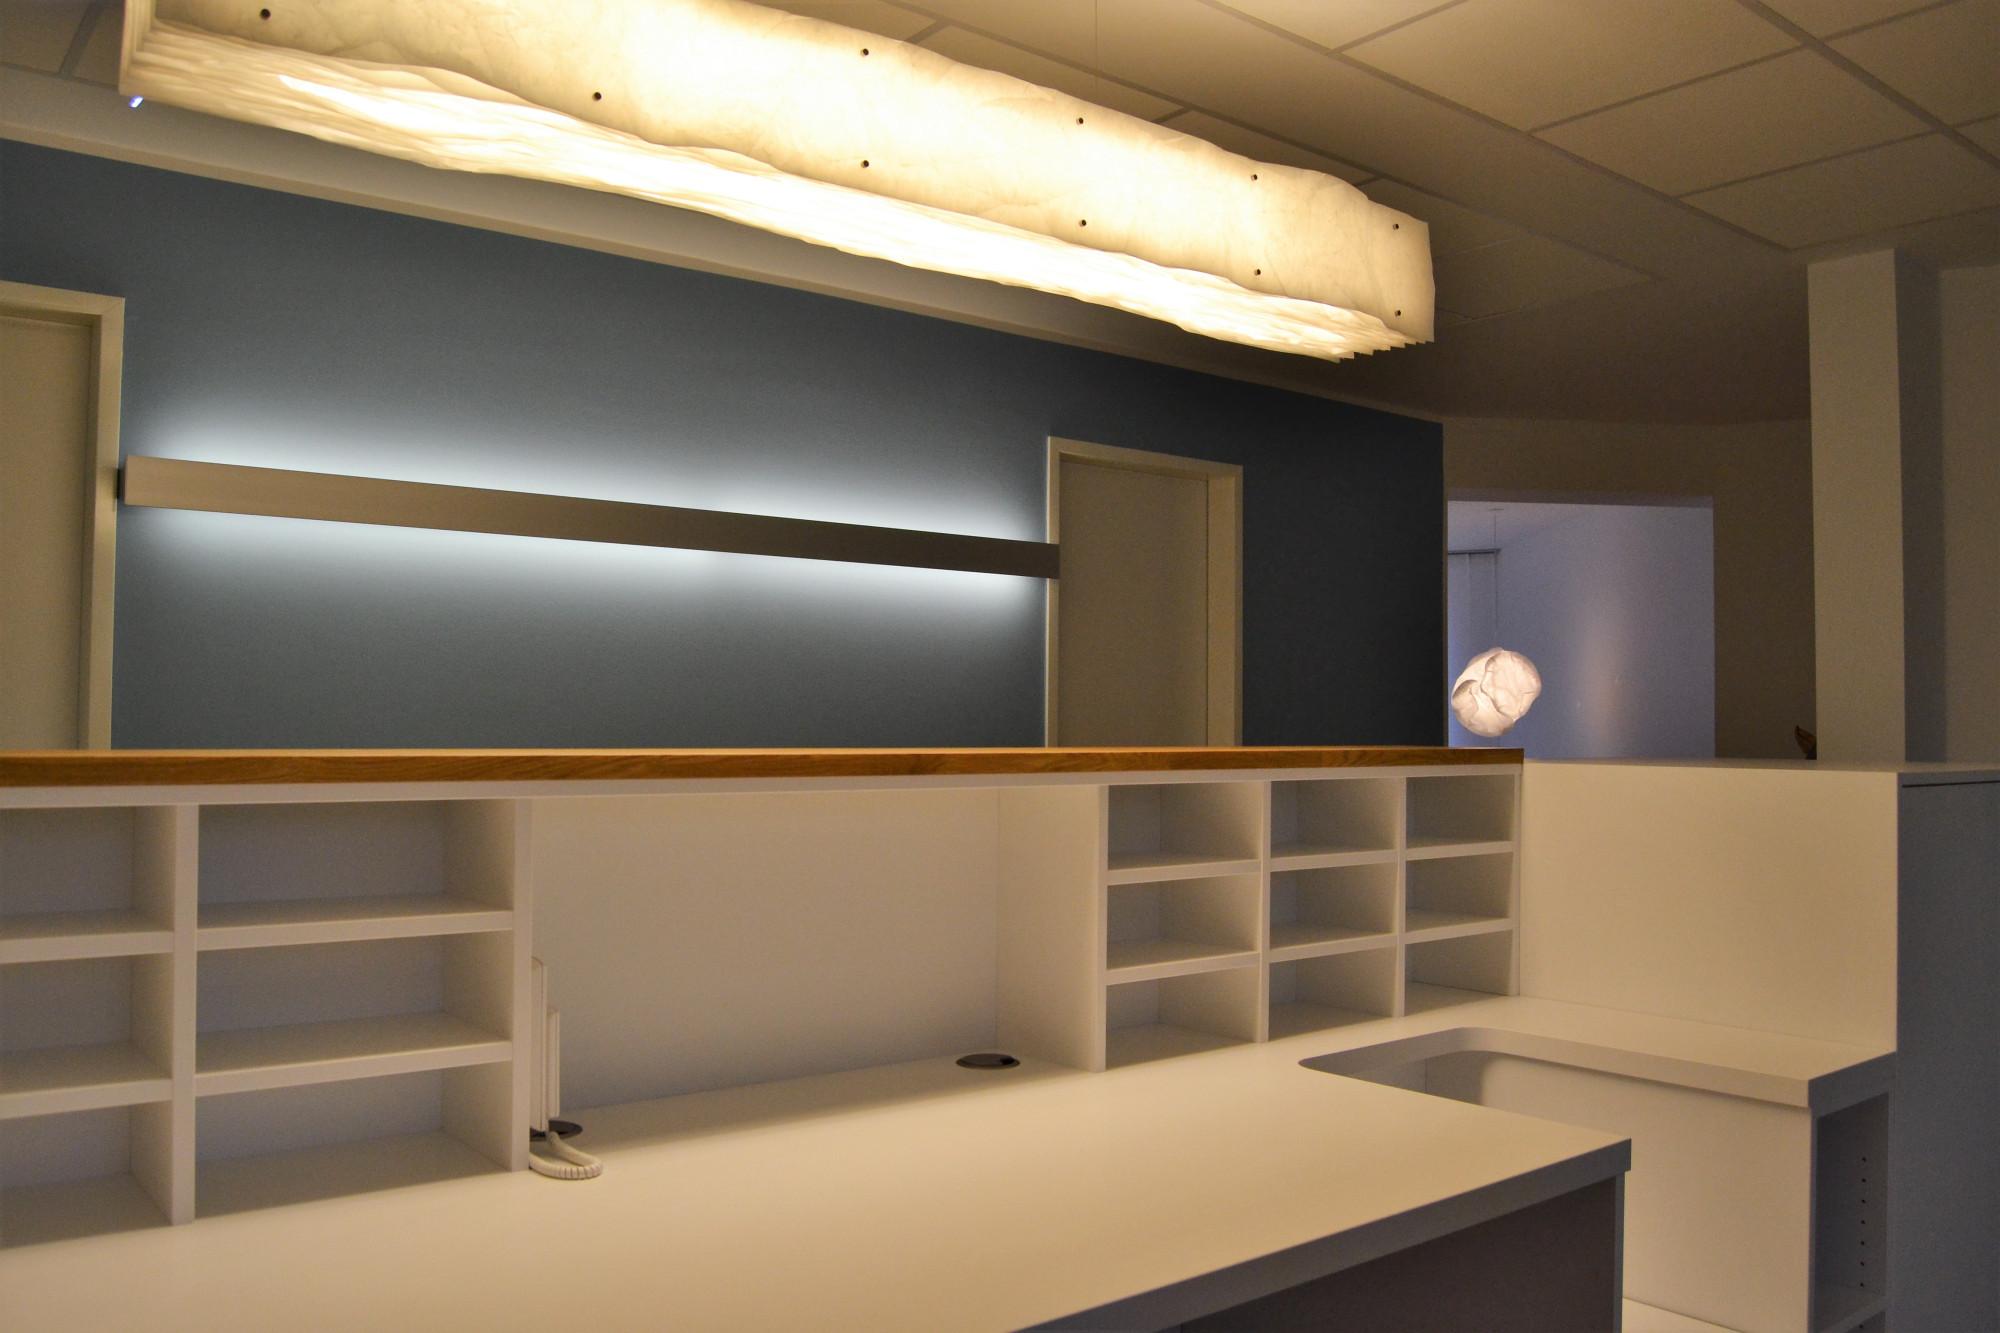 einrichtungsl sungen archivm bel f r praxen archivierung gesing objekteinrichtung bundesweit. Black Bedroom Furniture Sets. Home Design Ideas